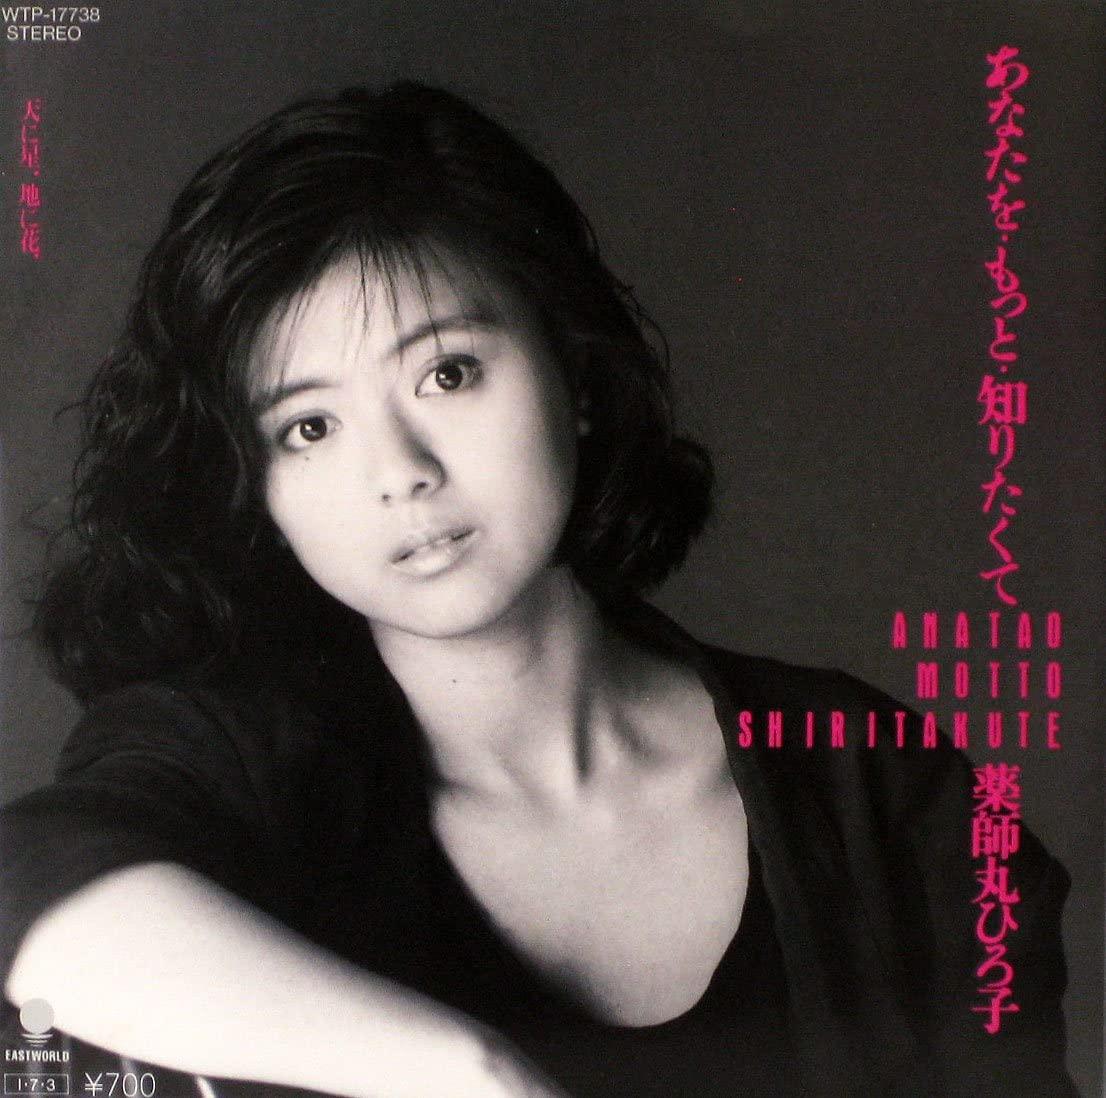 「薬師丸ひろ子」のシングル曲で一番好きな作品は?【人気投票実施中】 | ねとらぼ調査隊